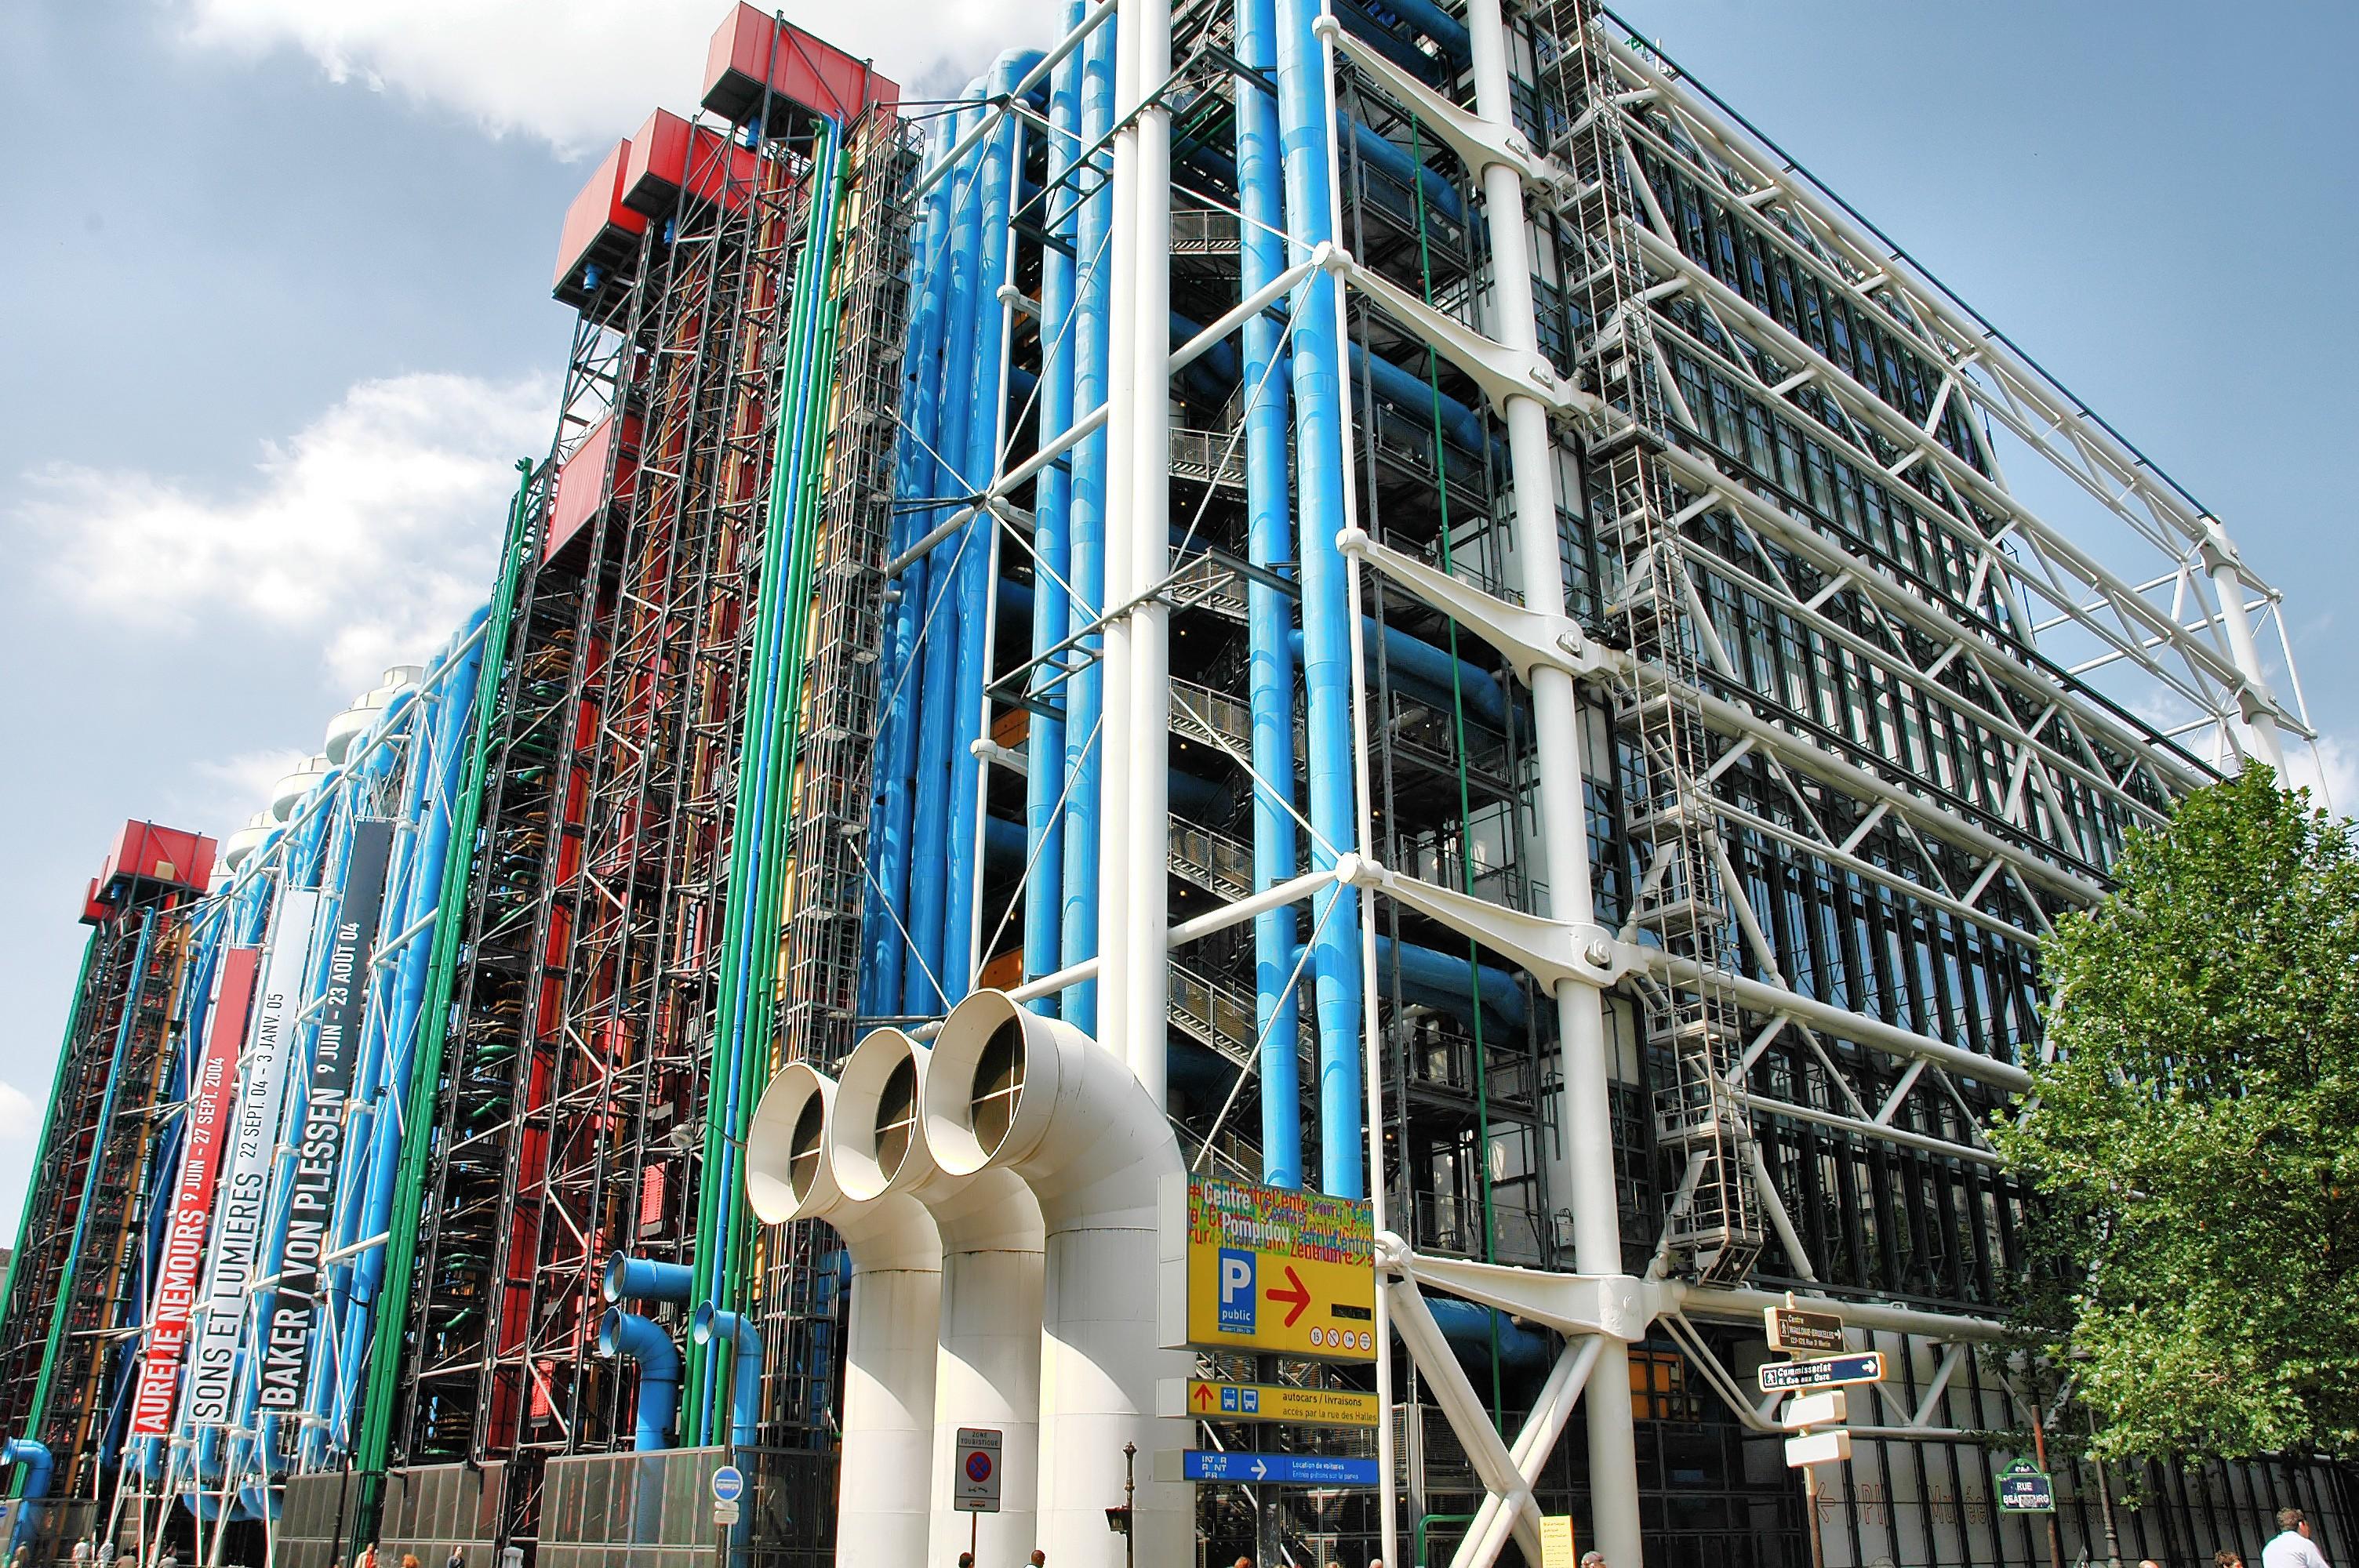 Centre Pompidou - Paris - Arrivalguides.com